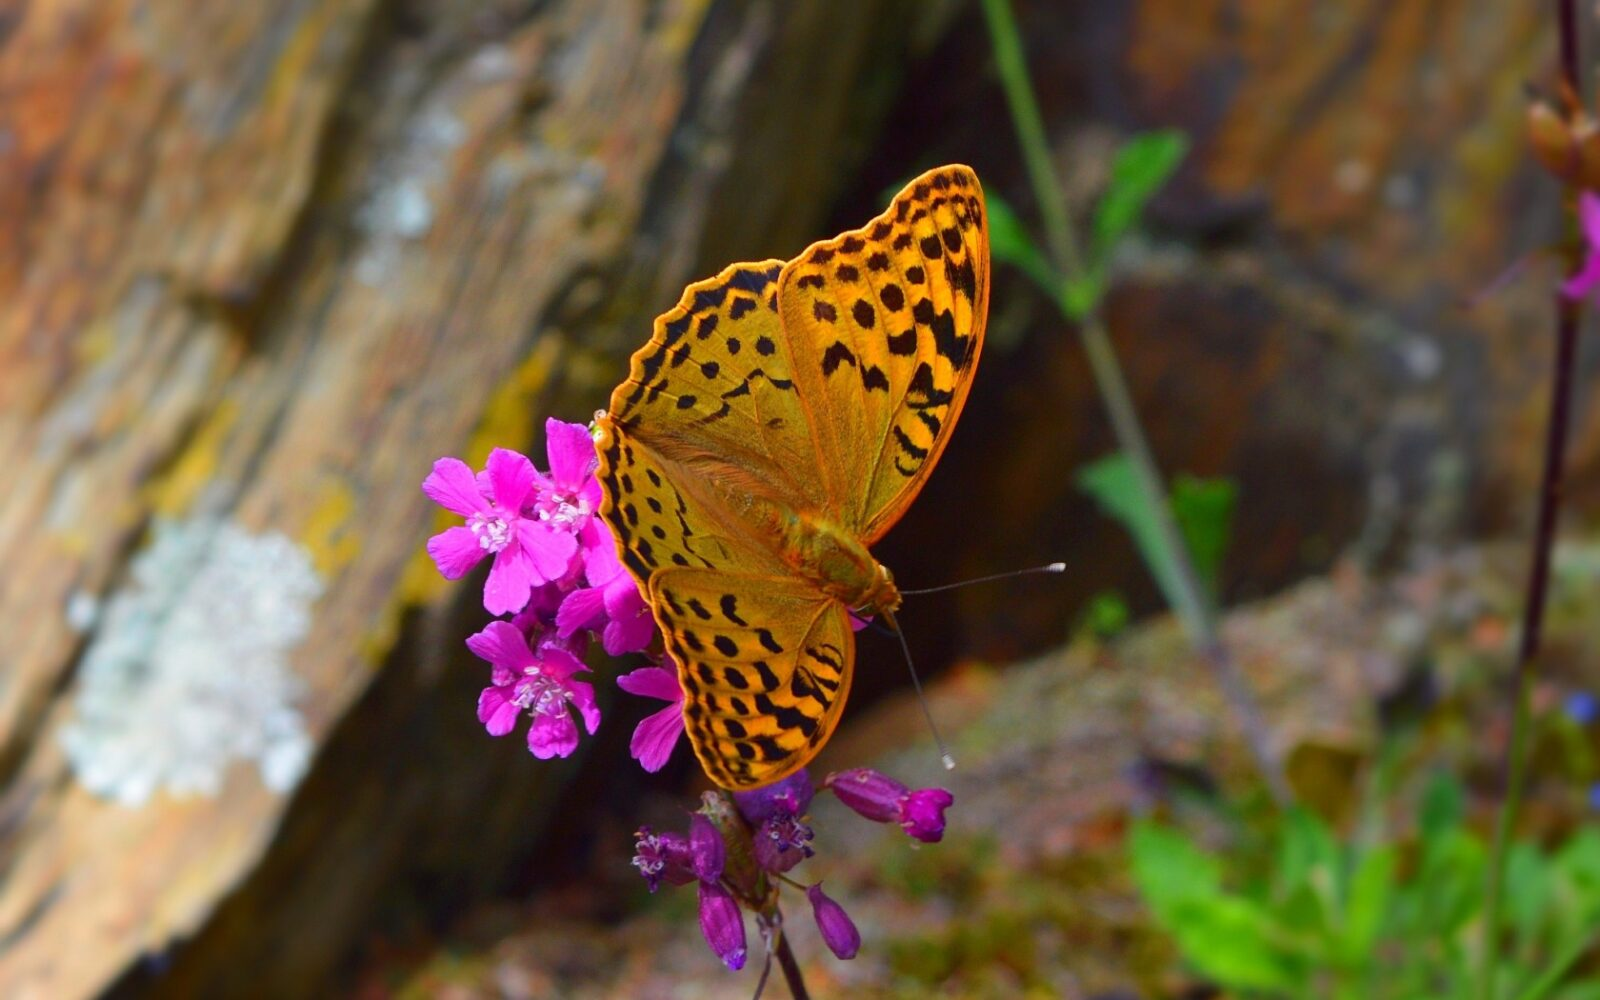 Потрясающий тест! Выберите бабочку, которая вам приглянулась и узнайте тайны своей души!